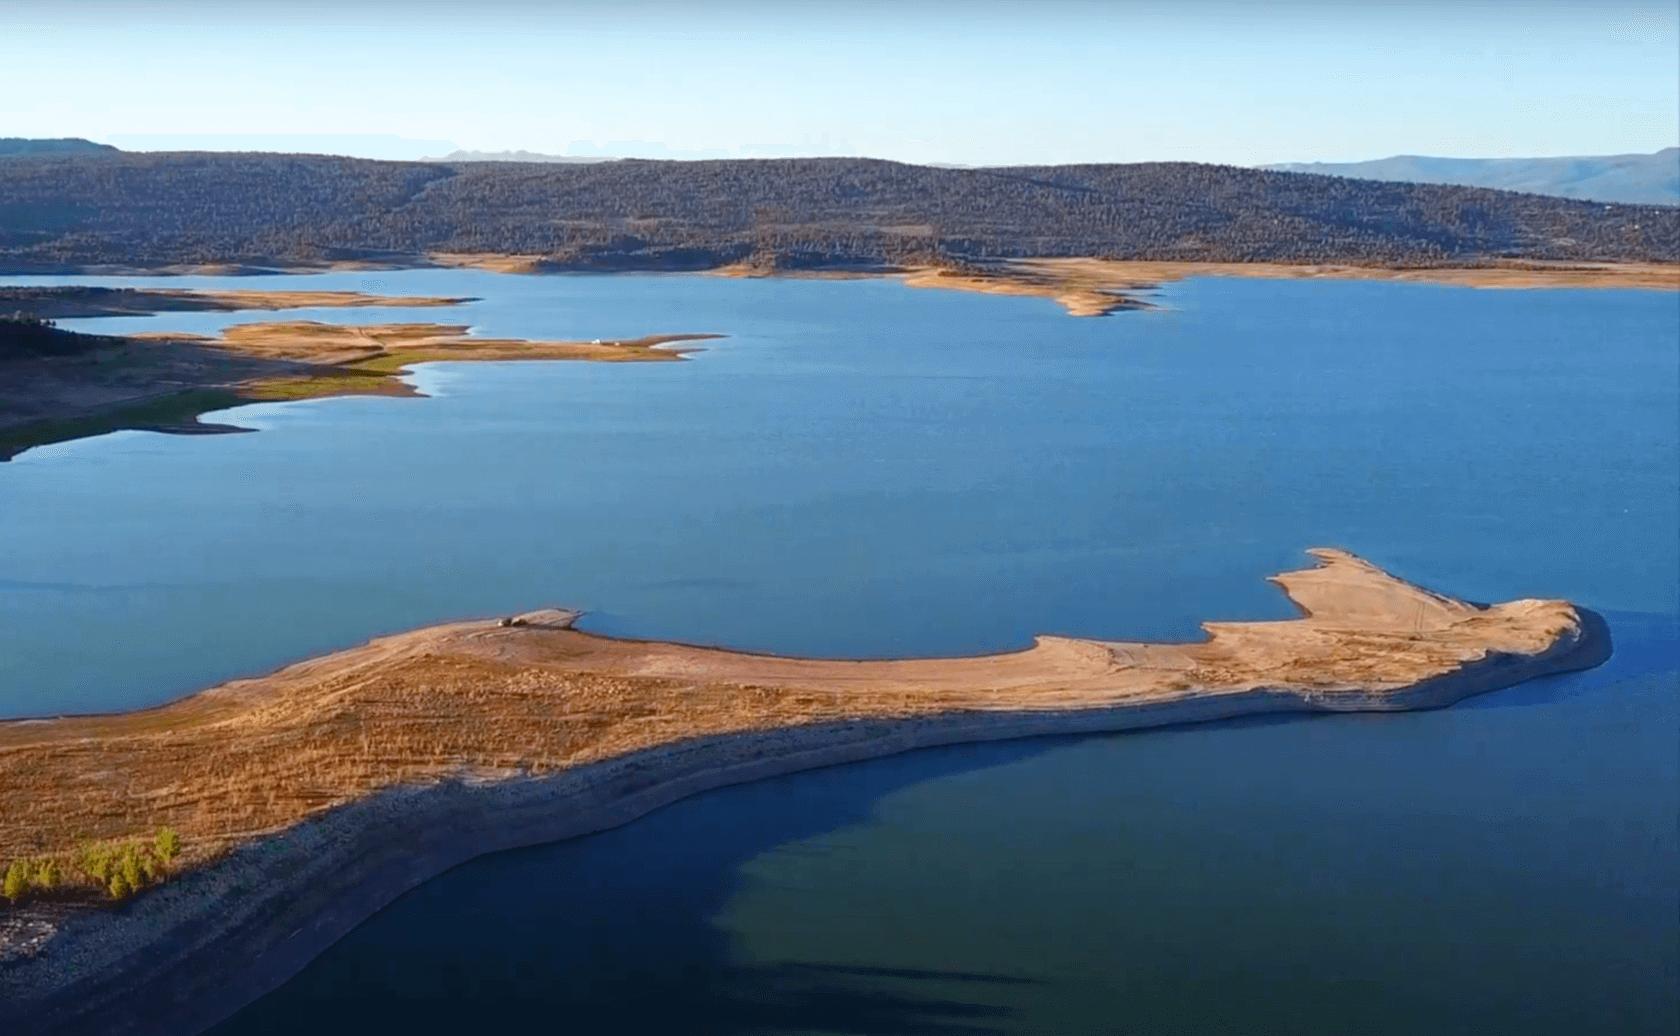 Heron-Lake-Fishing-Guide-02